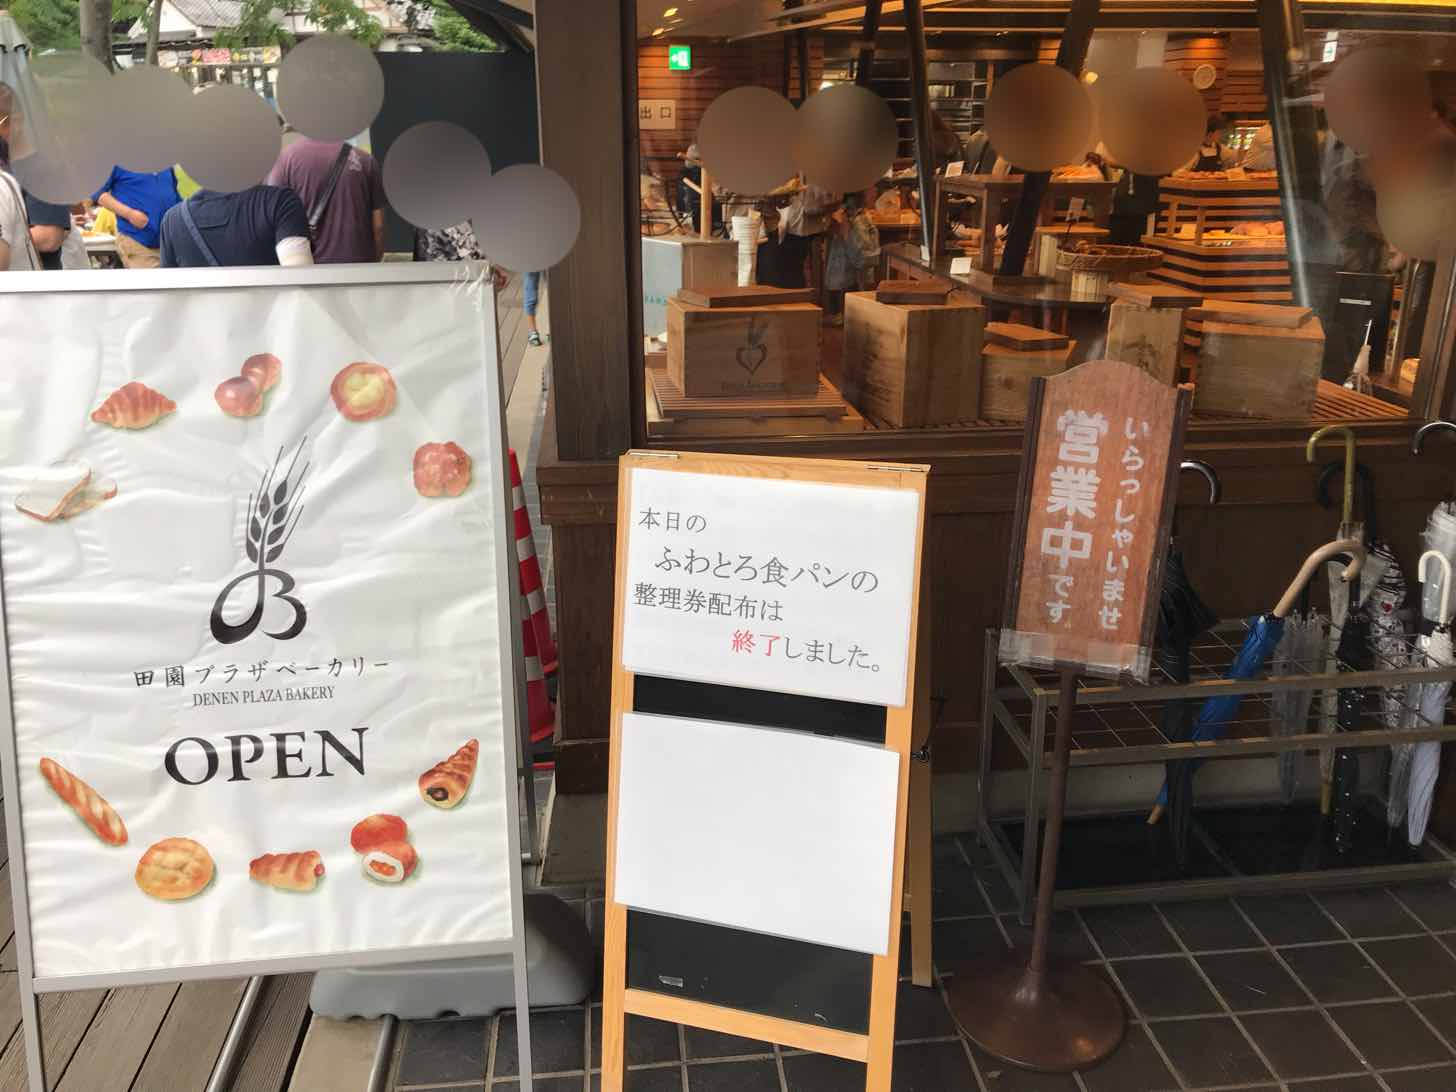 川場田園プラザ-お土産-ベーカリ外観